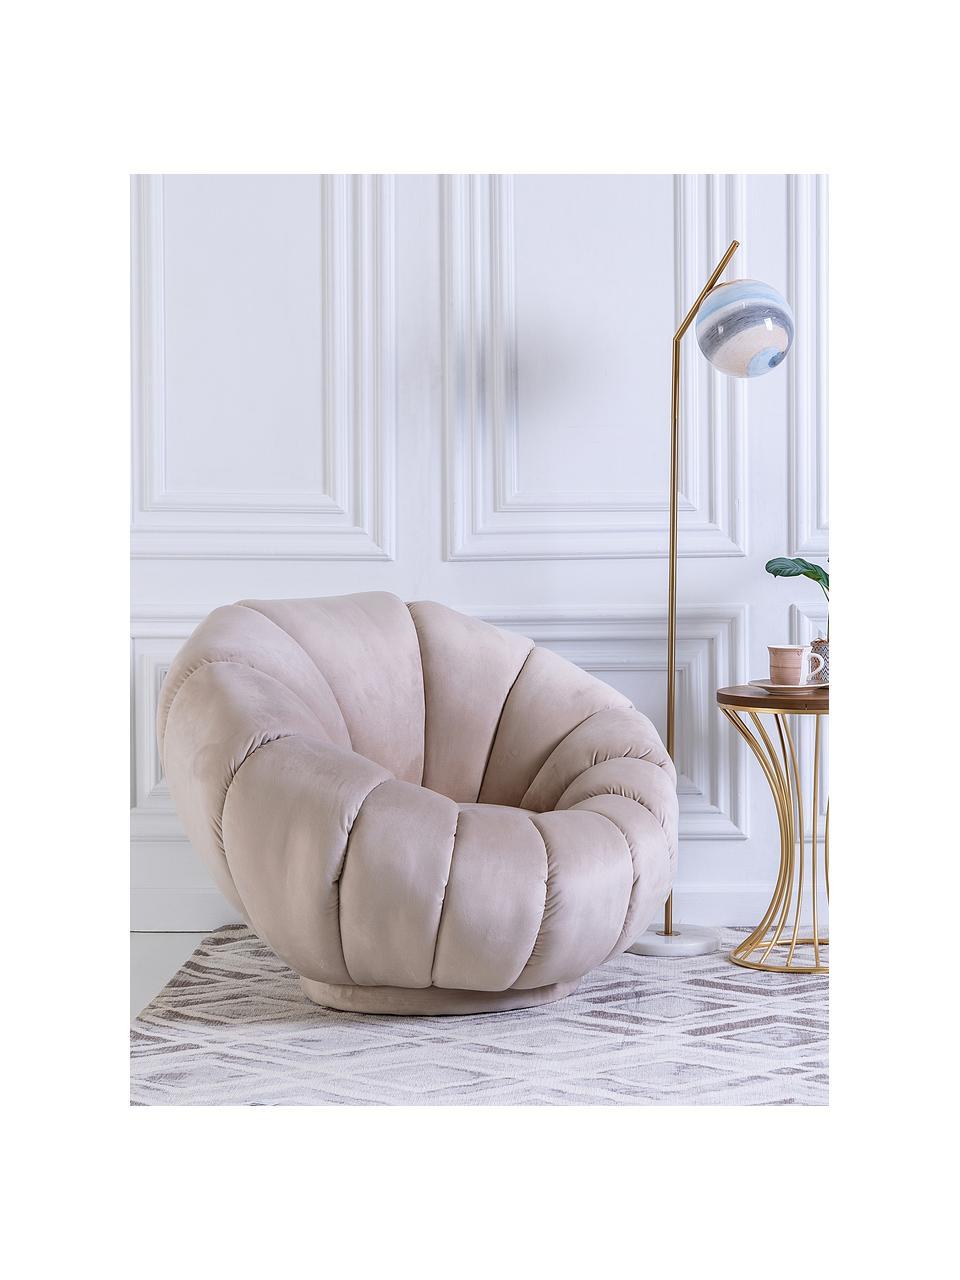 Fotel koktajlowy z aksamitu Coco, Tapicerka: aksamit (100% poliester), Stelaż: drewno naturalne, Noga: drewno naturalne, tapicer, Beżowy, S 98 x G 100 cm